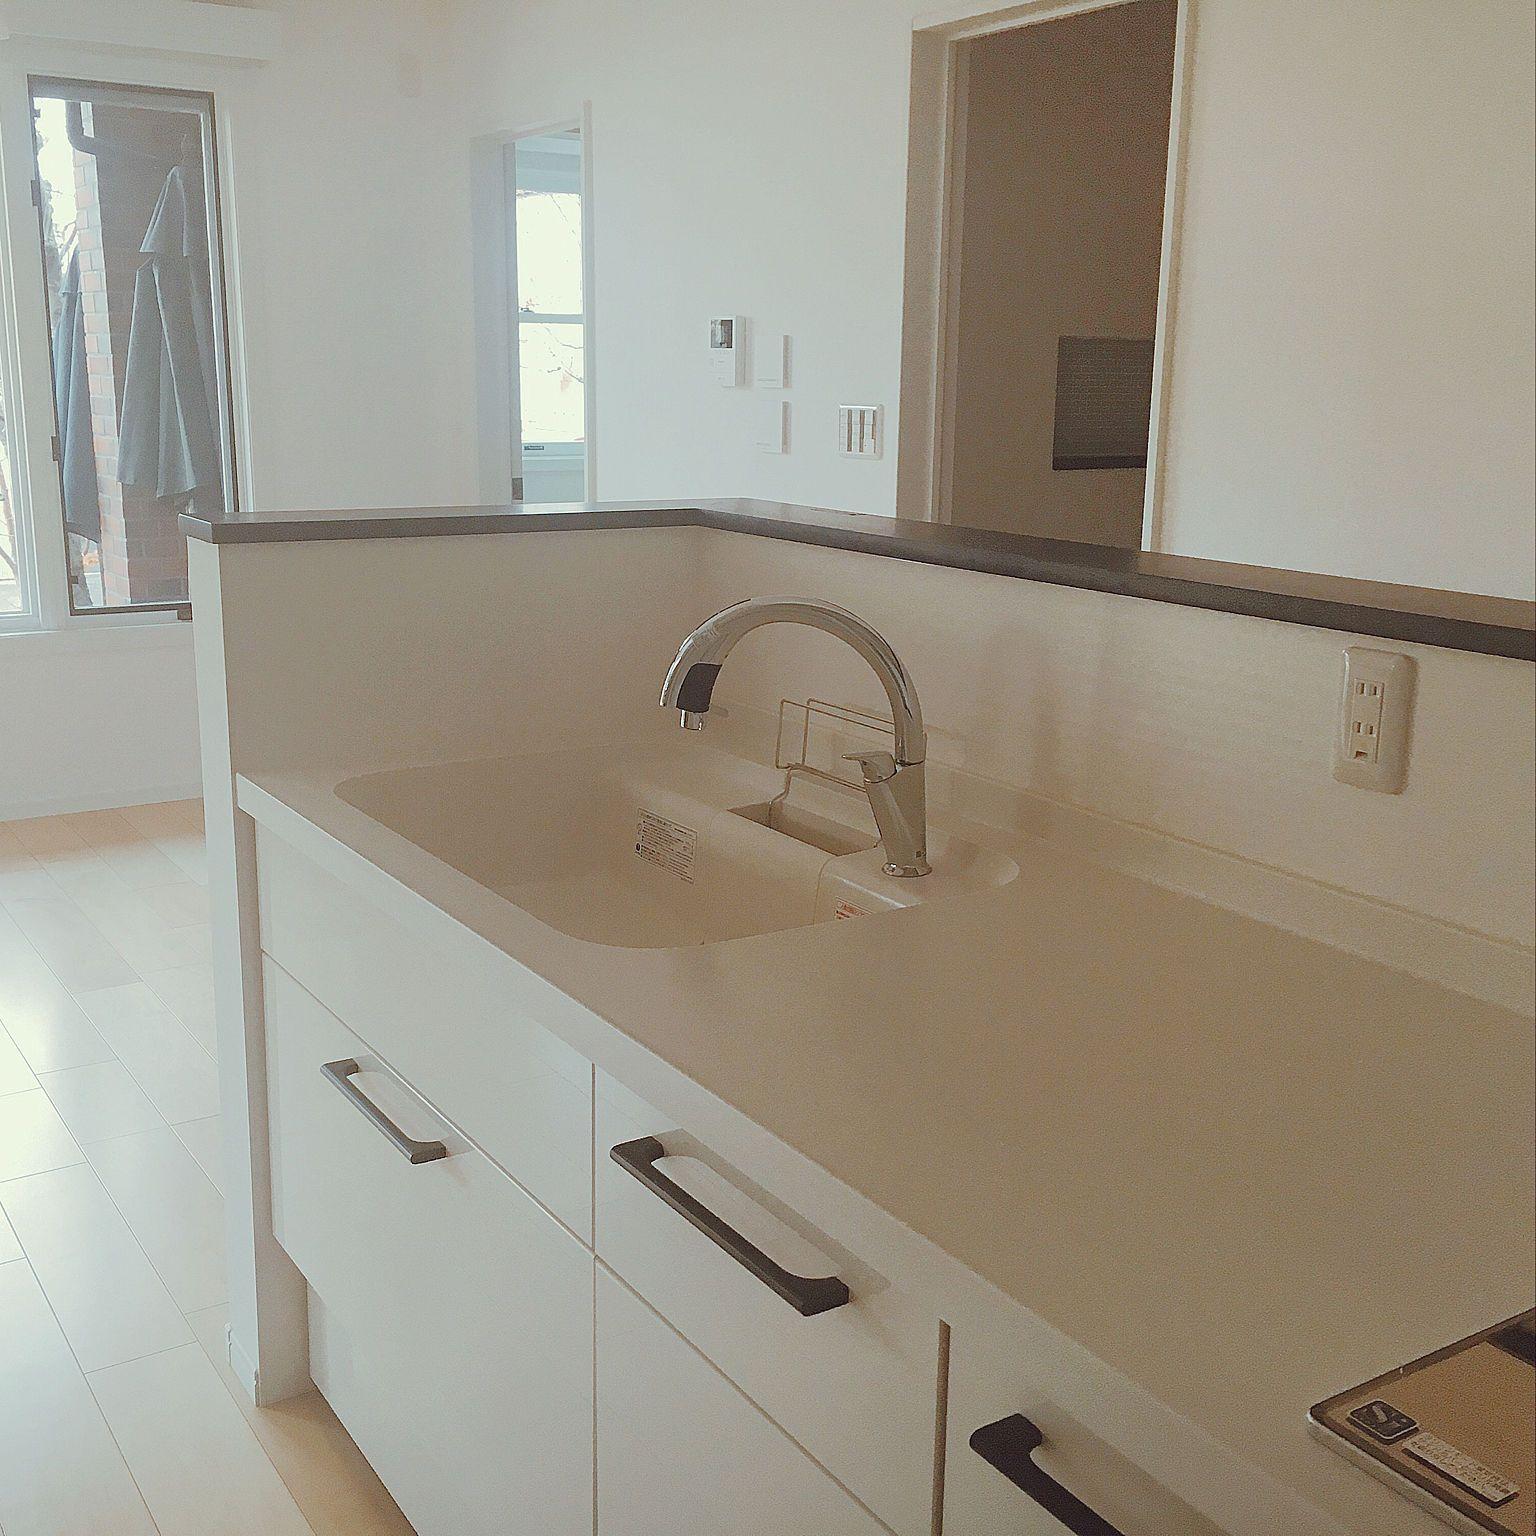 キッチン ネイビー ホワイト ネイビー 真っ白なキッチン 真っ白なお家